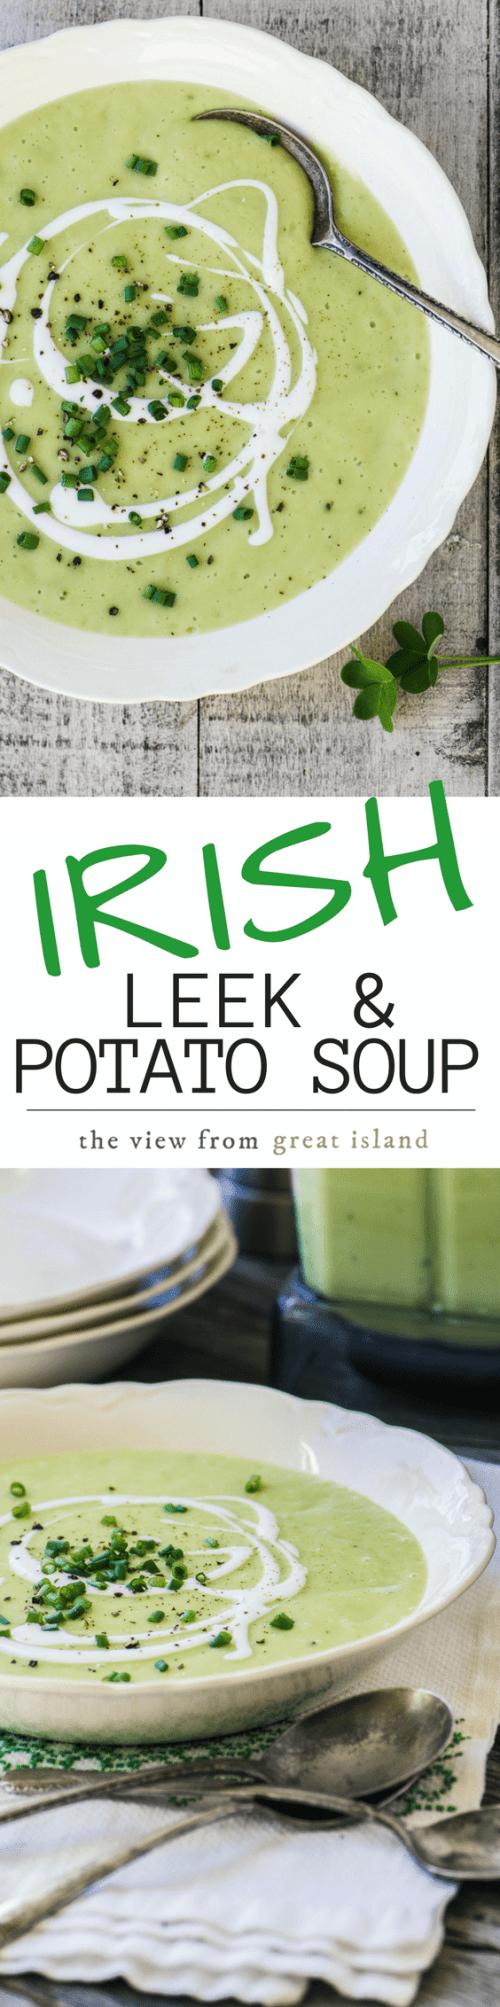 Medium Of Irish Potato Soup